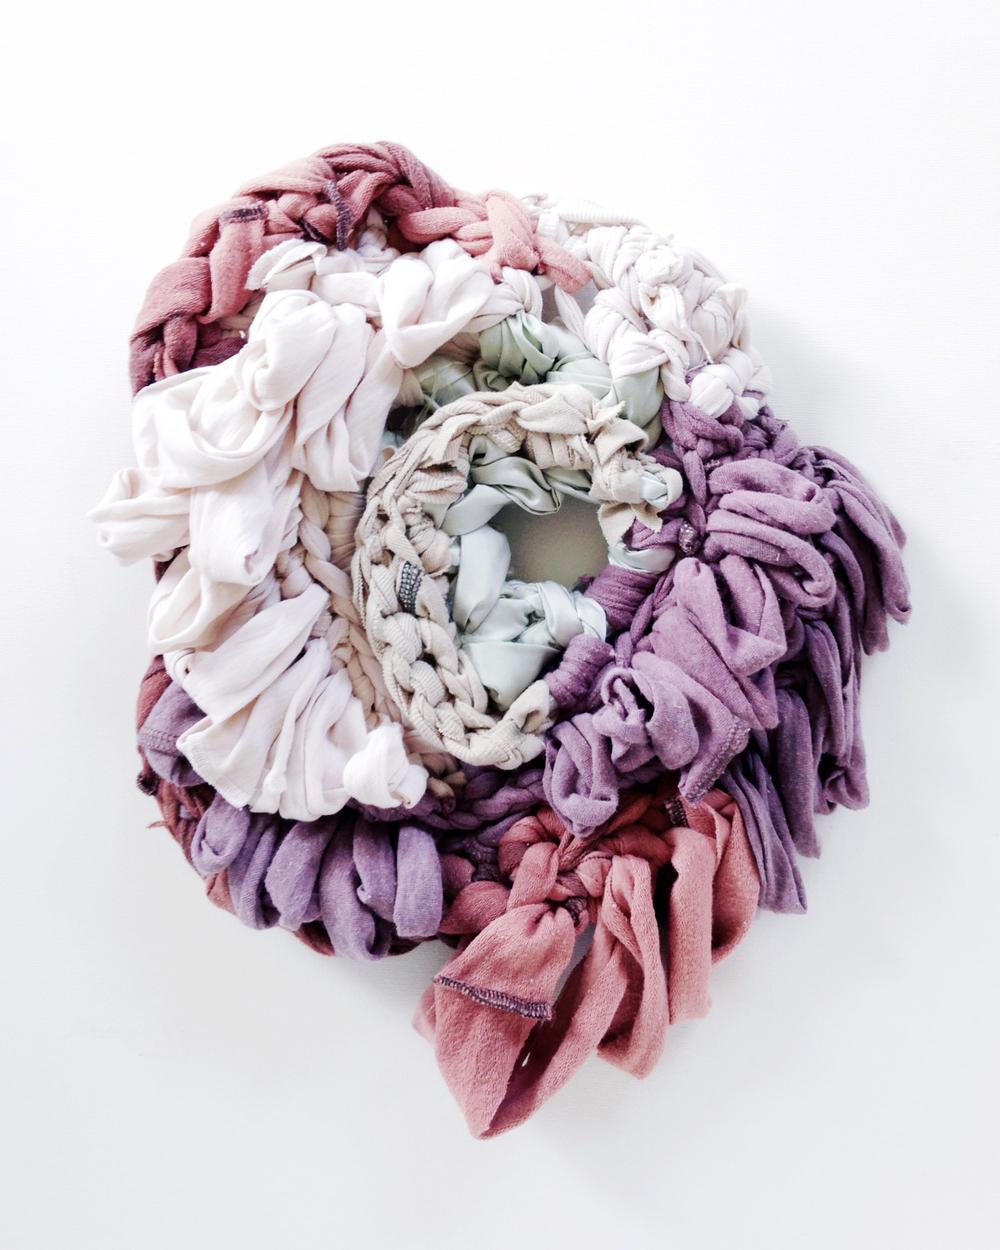 """Aequa 15x 11x 2"""", reclaimed fabric, 2014"""